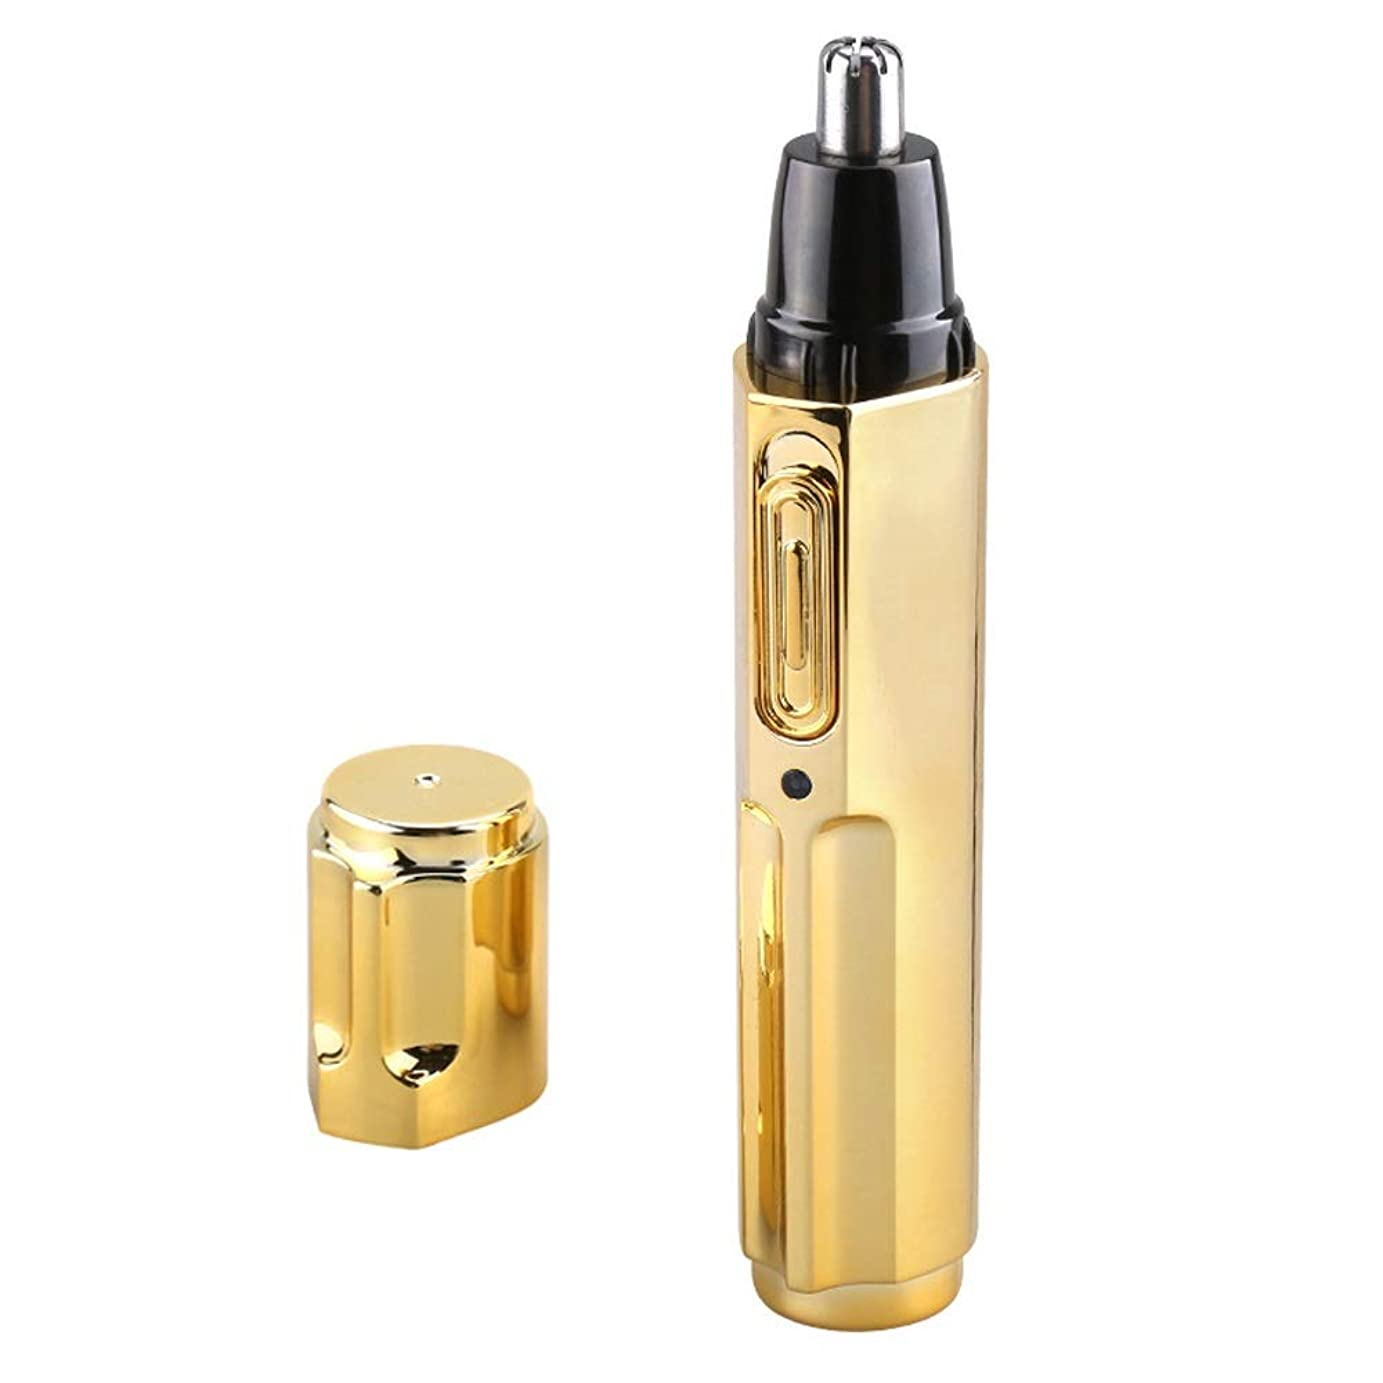 オセアニア安価なピケ鼻毛トリマー/充電式電動鼻毛トリマー/鼻孔クリーナー/ 13 * 2.8cm 使いやすい